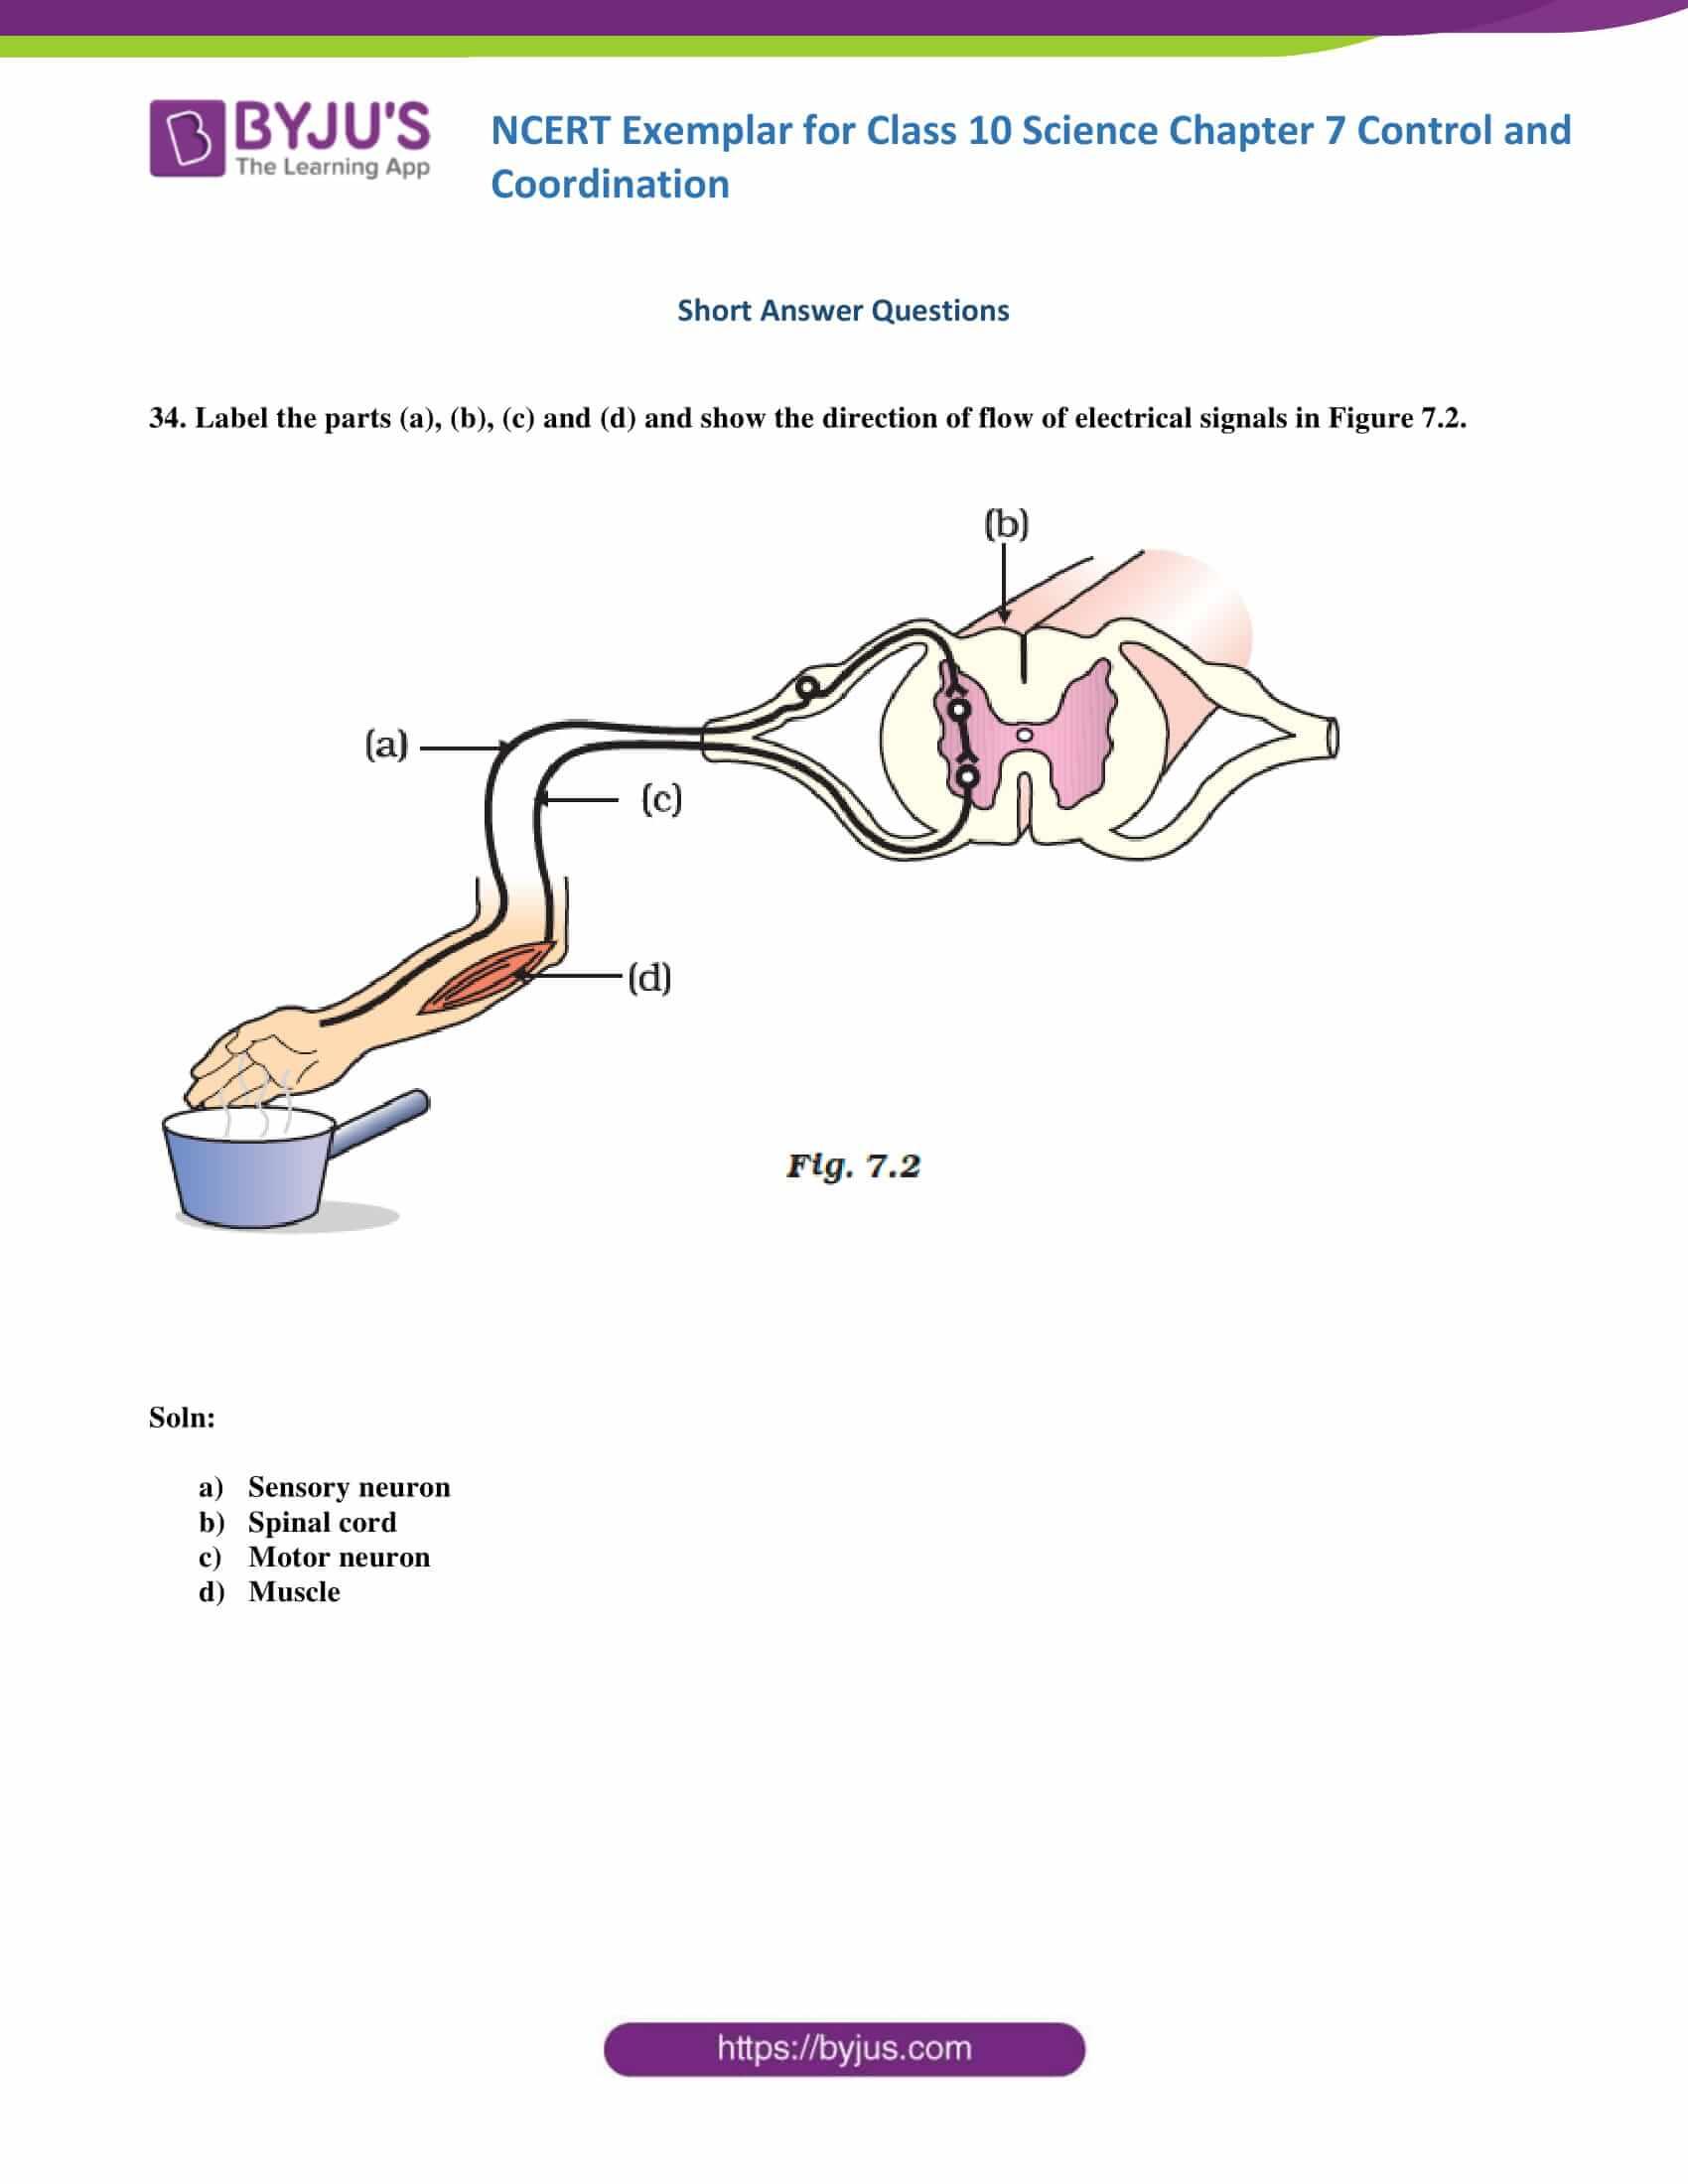 NCERT Exemplar solution class 10 Science Chapter 7 part 12